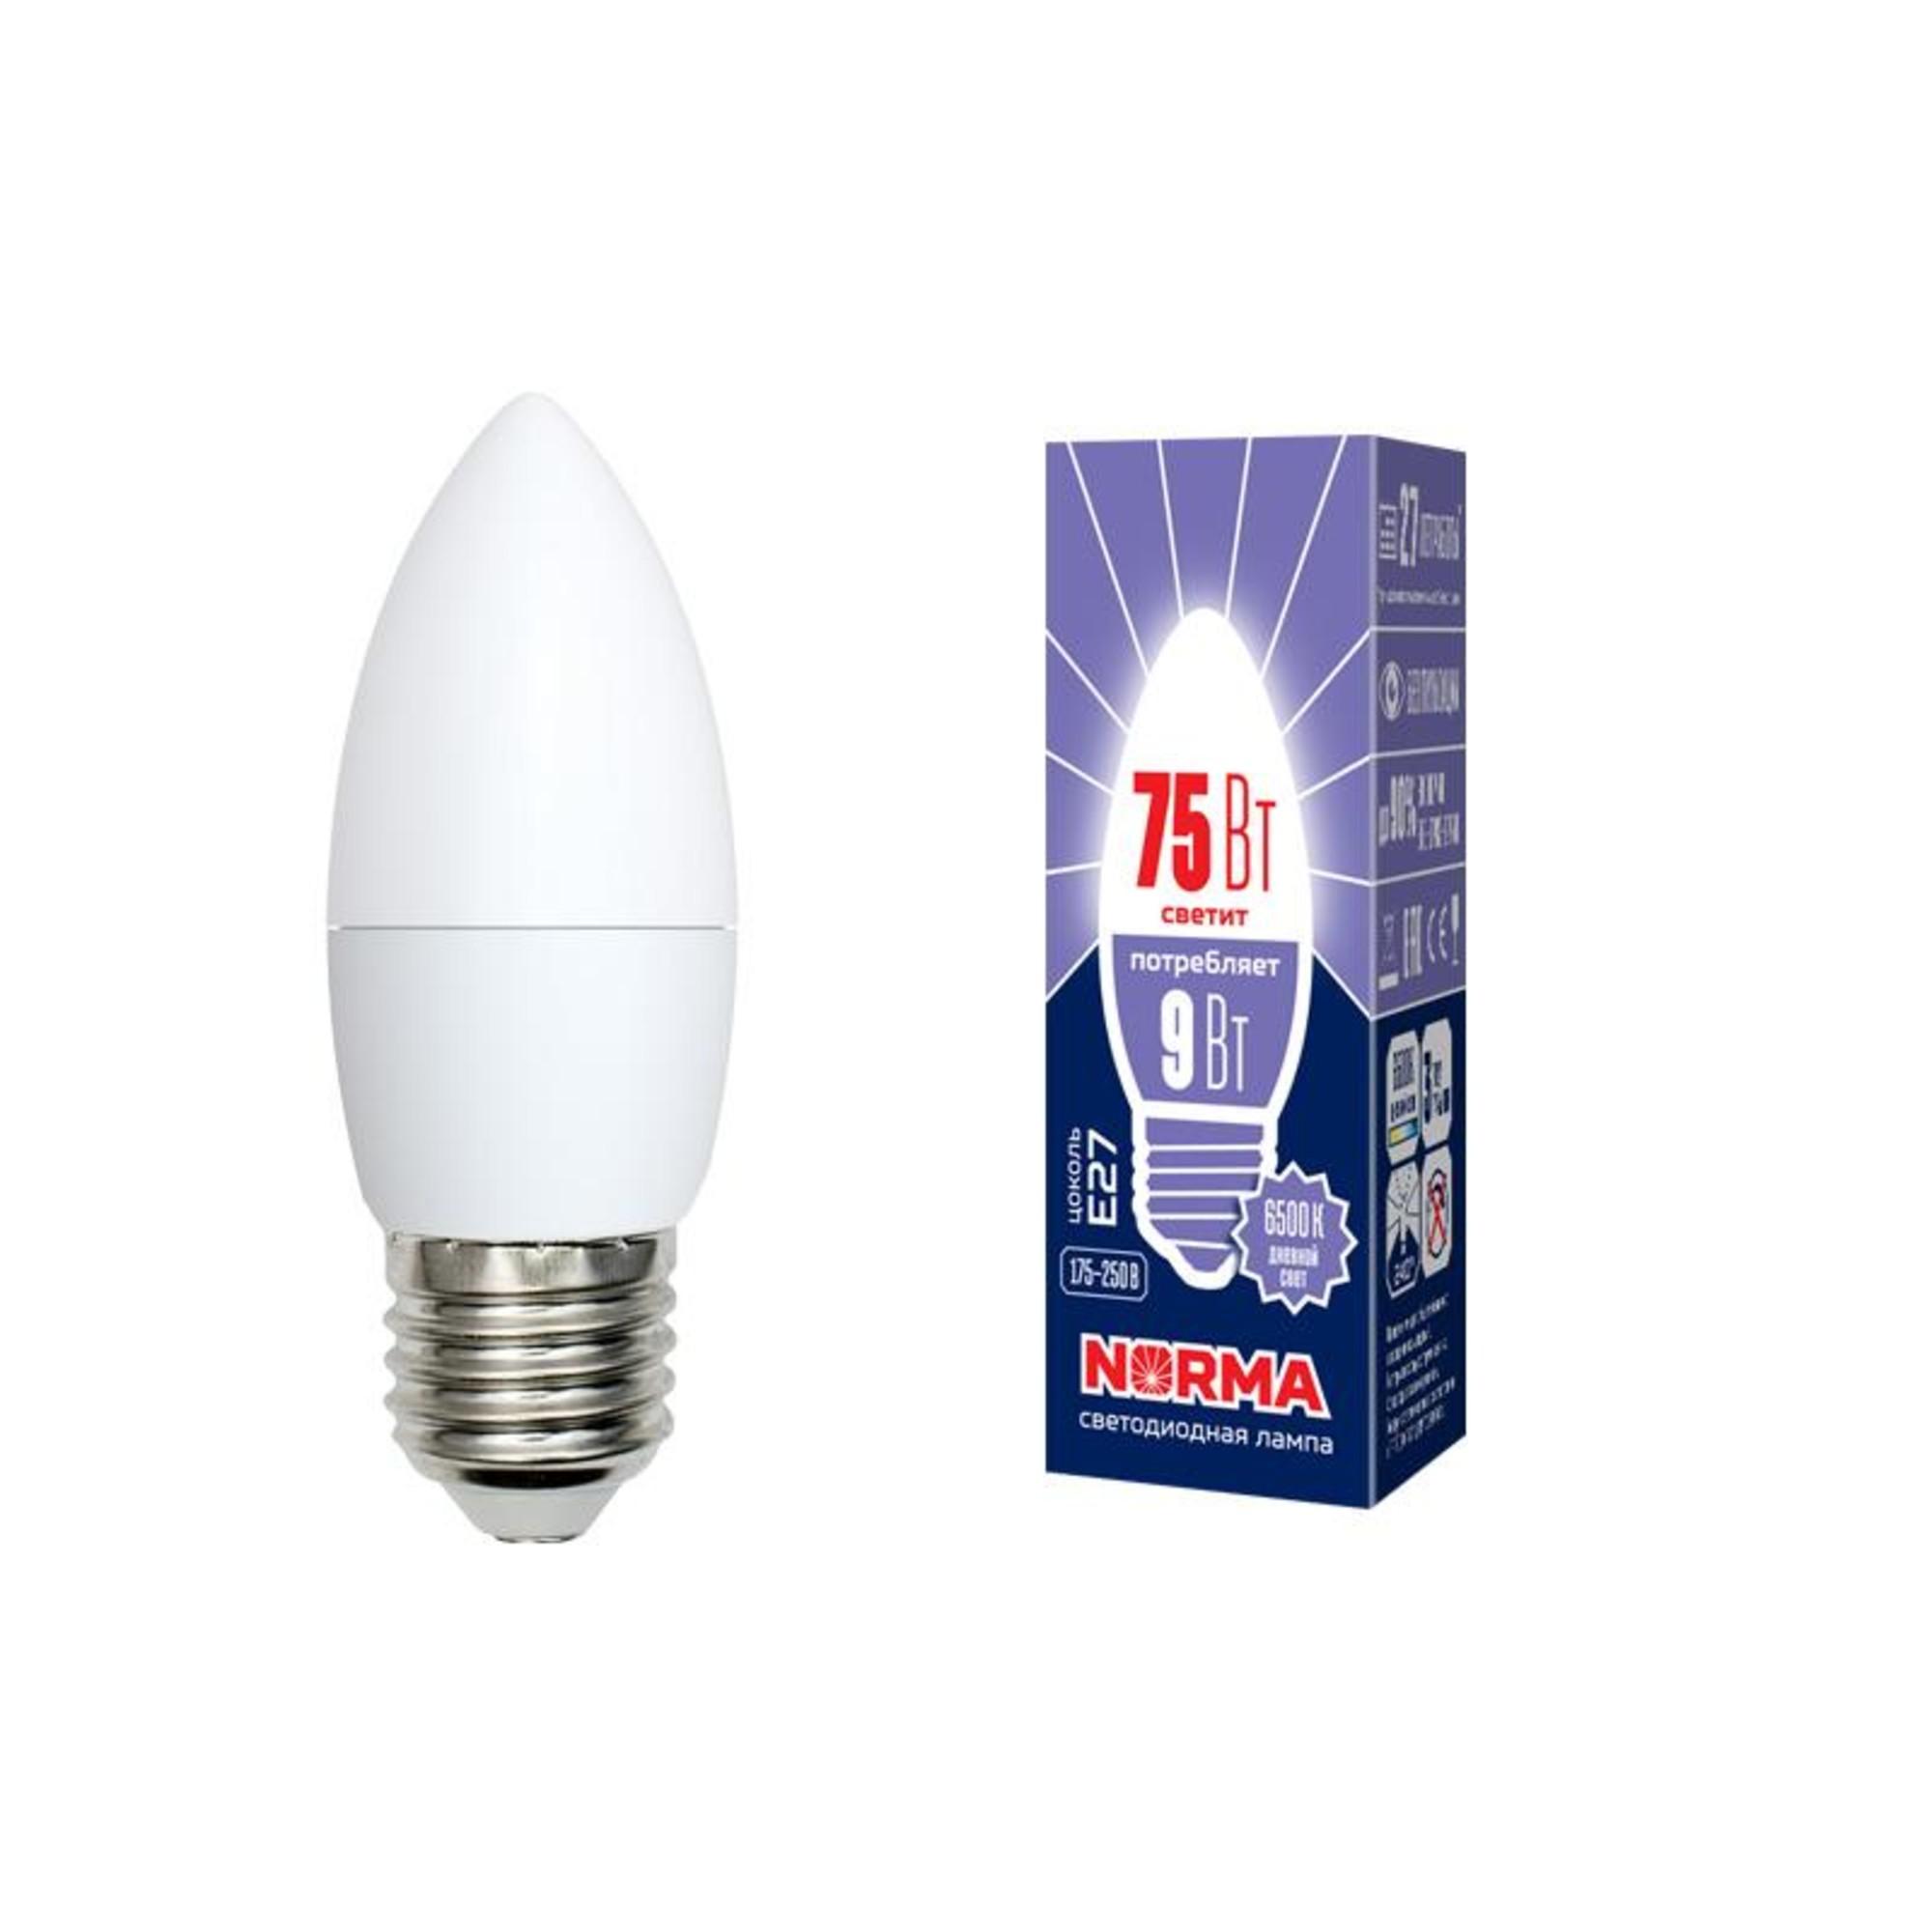 Лампа Volpe светодиодная E27 9 Вт нейтральный свет